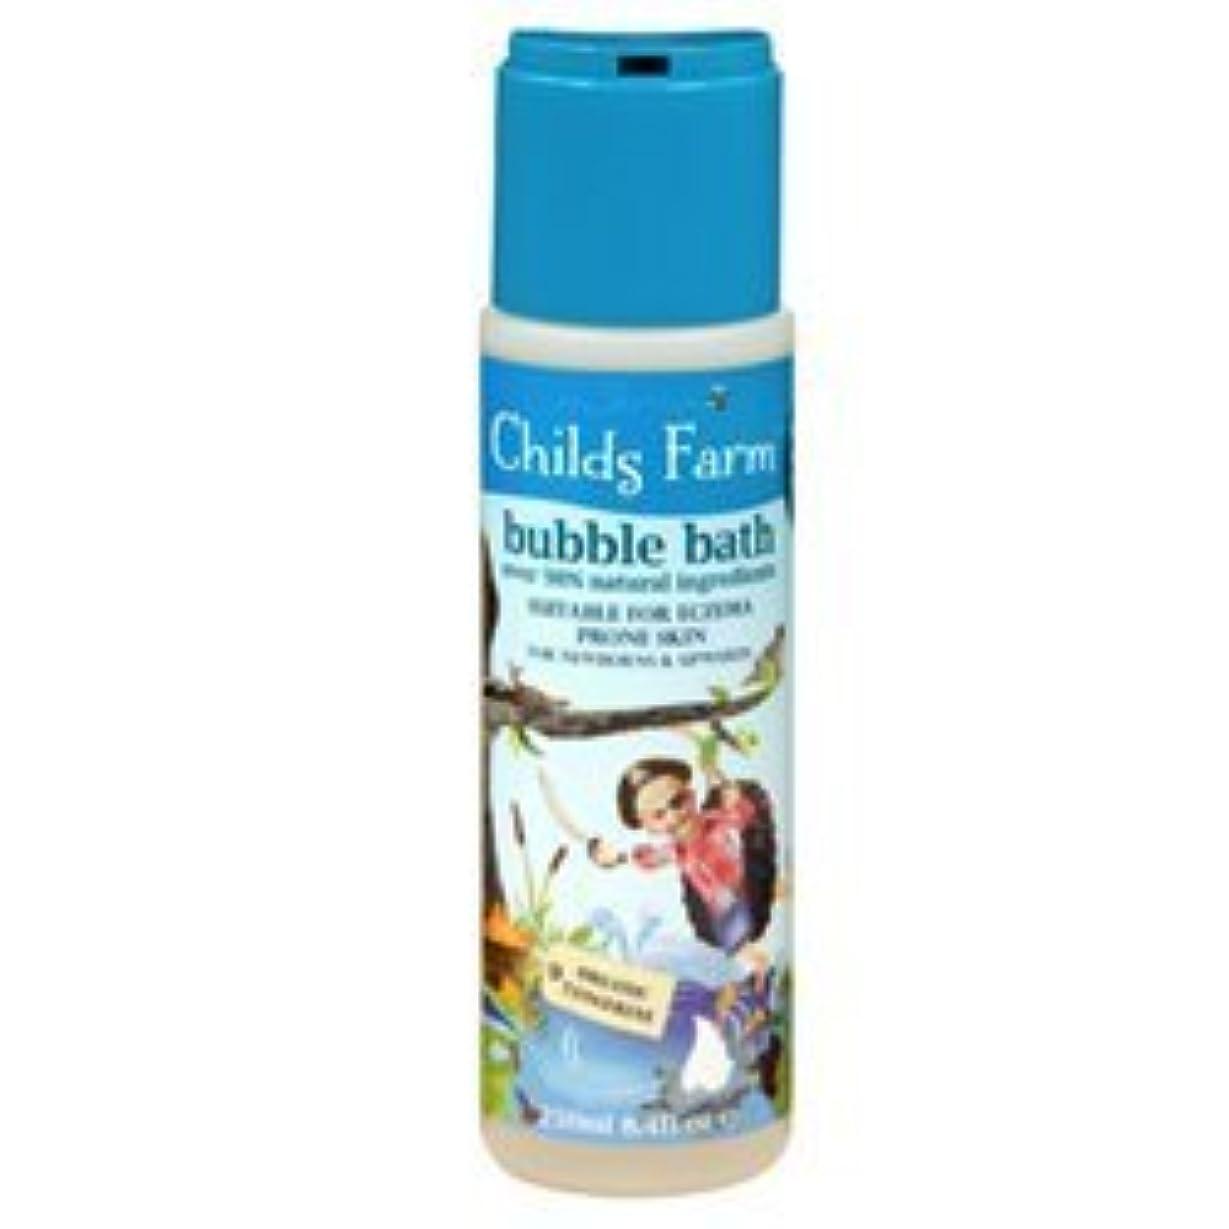 夕暮れ大陸かまどChilds Farm Bubble bath for Buccaneers 250ml x 1 by Childs Farm [並行輸入品]